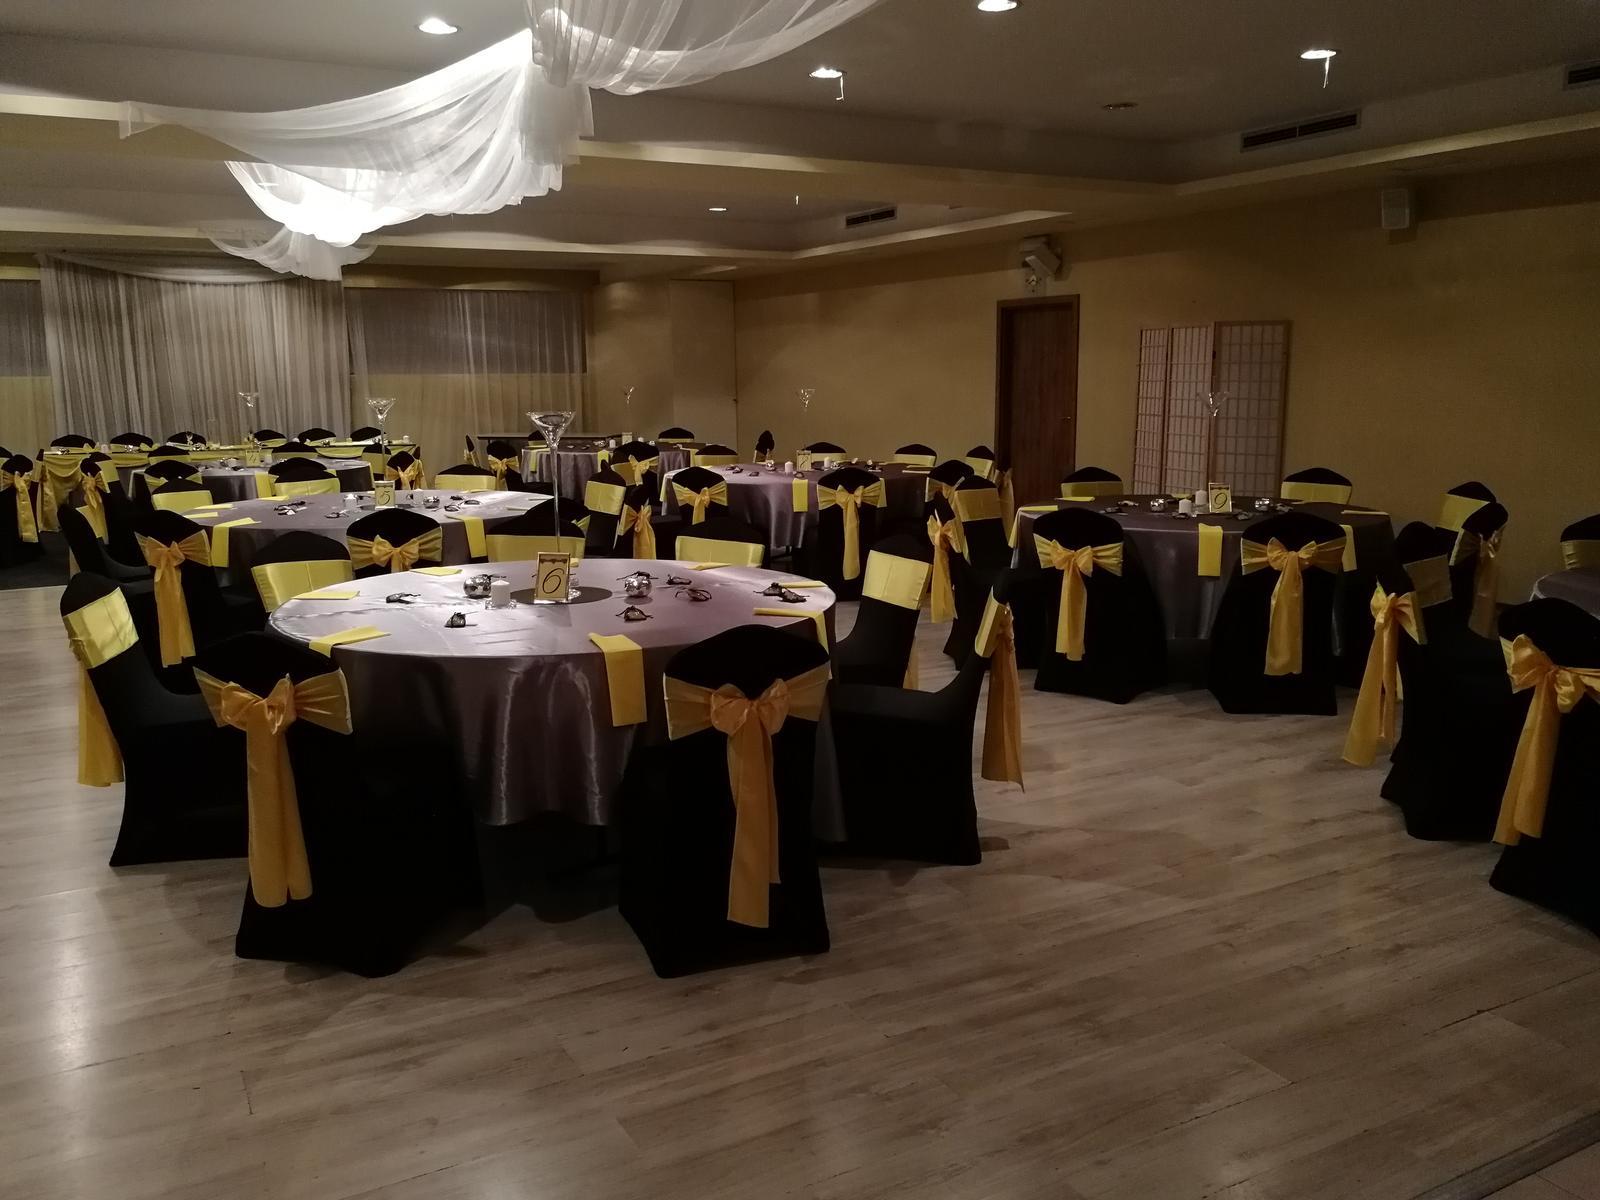 Svadba 14.9.2018 čierno-žlto-sivá kombinácia - Obrázok č. 8